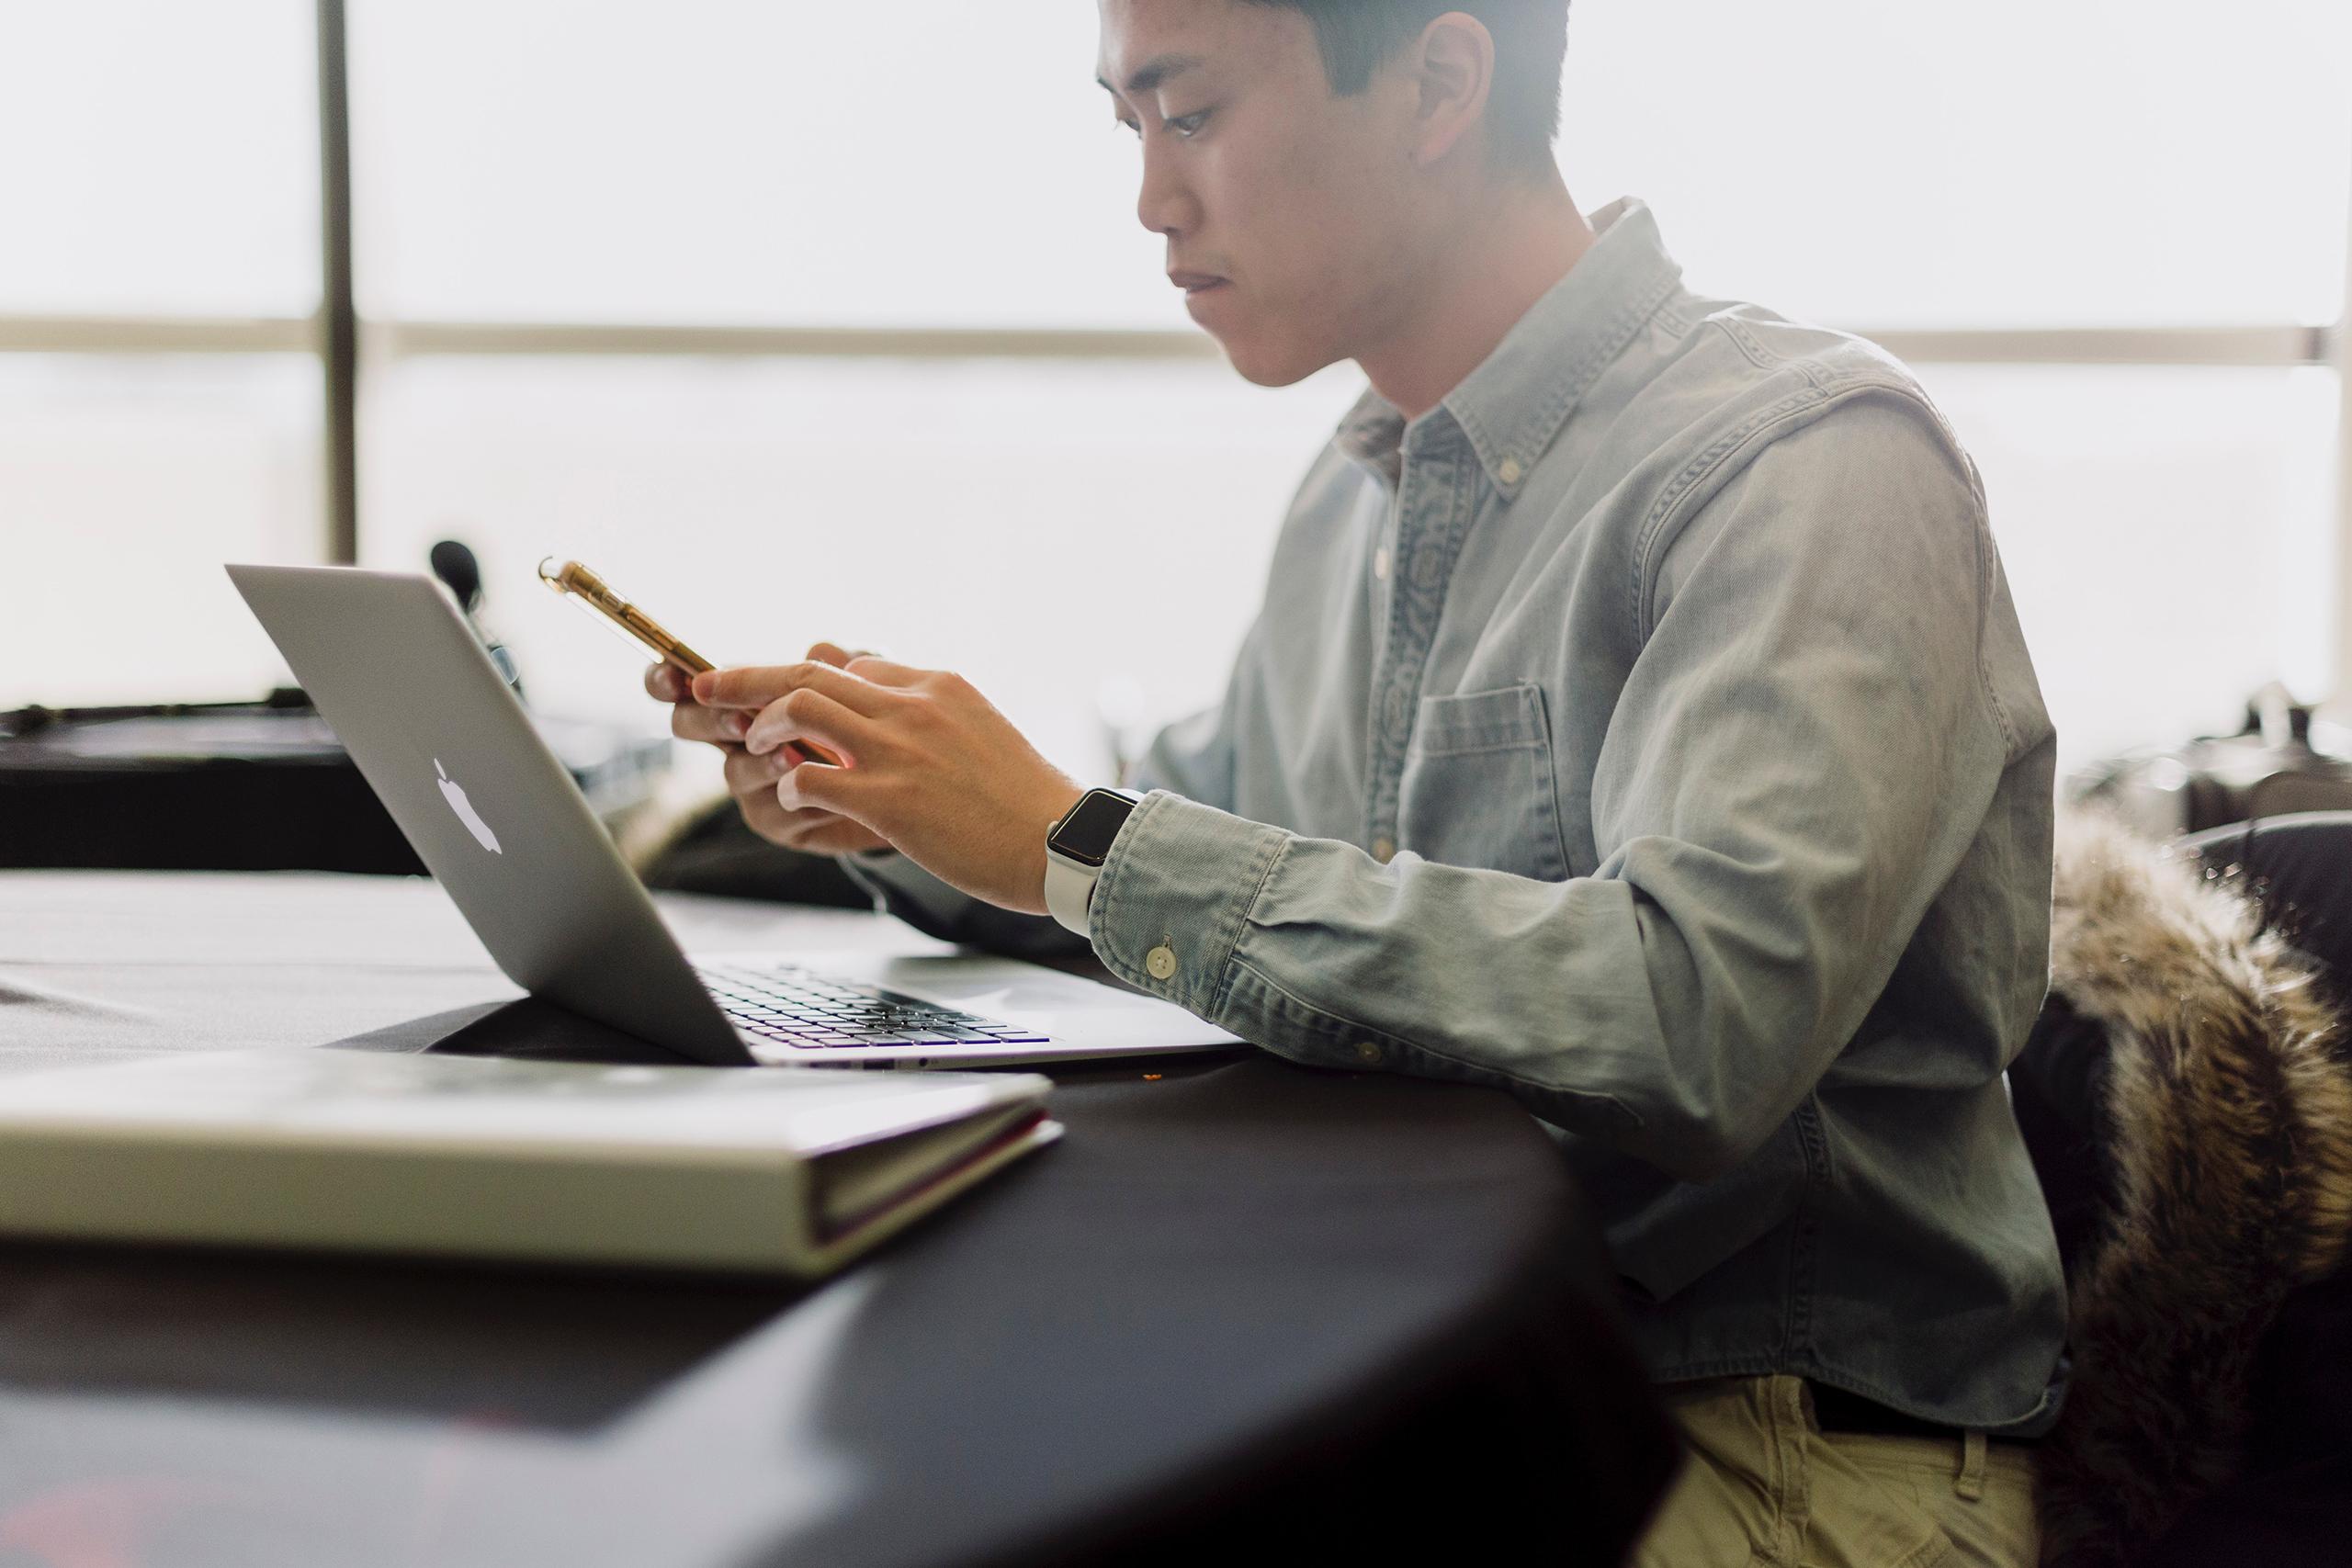 人事への転職を有利にする資格と情報を公開!人事未経験者の戦い方も解説!の画像5